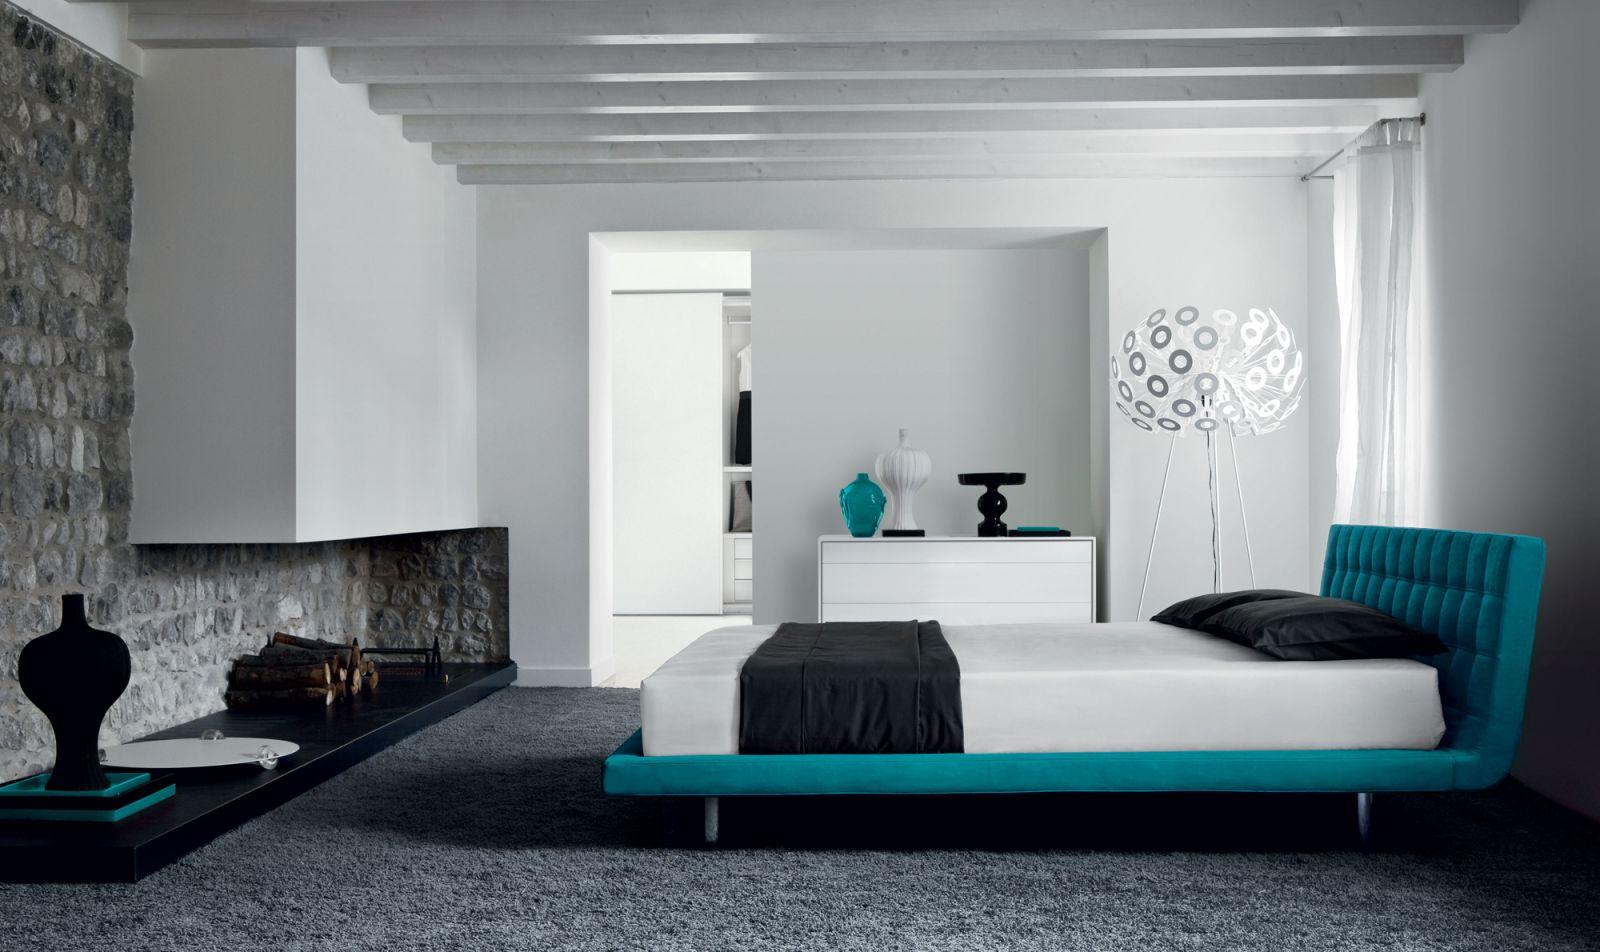 Camera Da Letto Blu Cobalto : Camera da letto archives pagina di mobili e arredi lissone